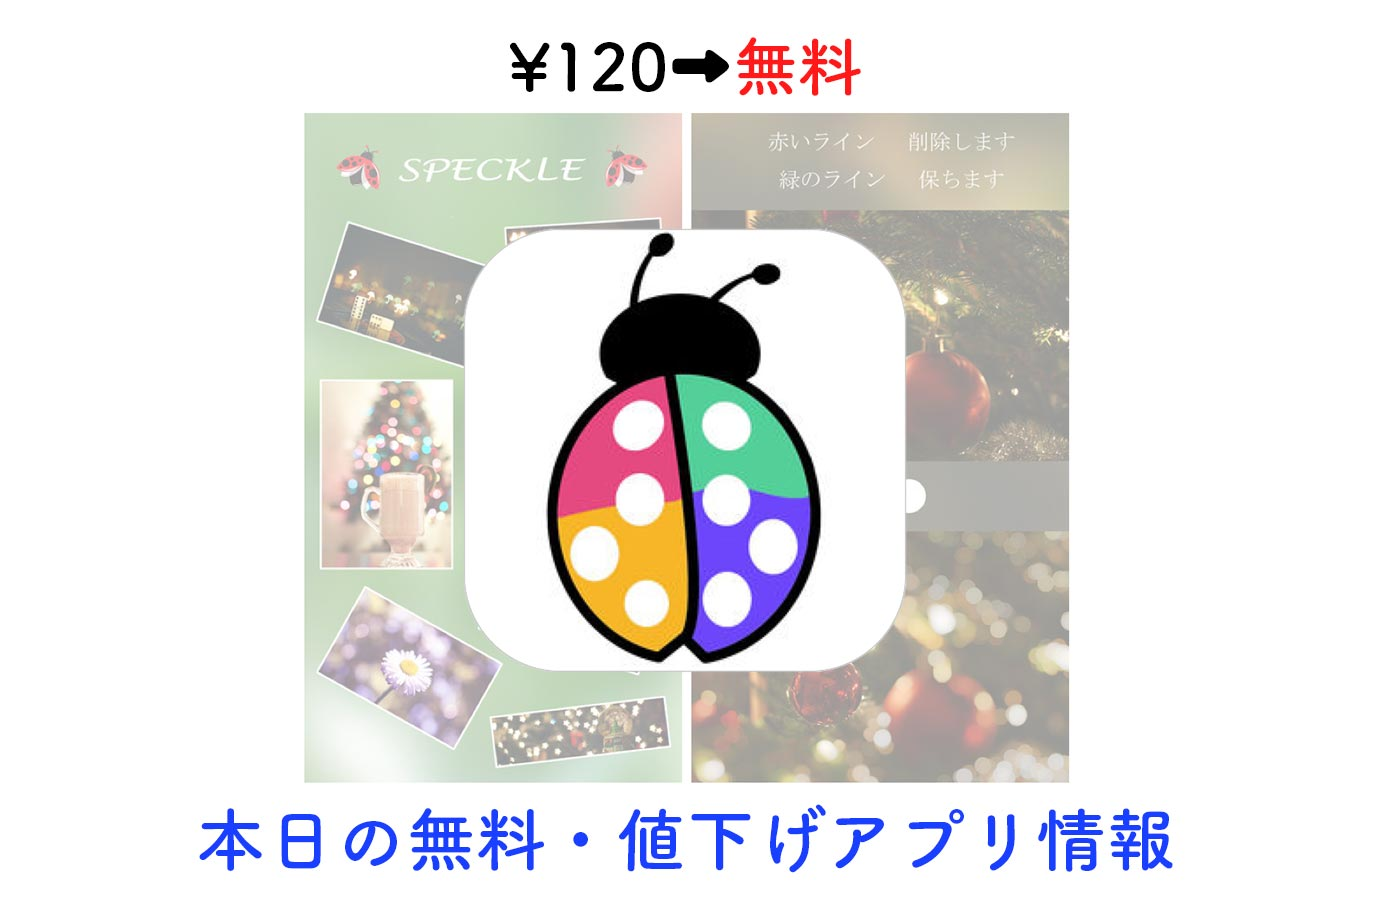 ¥120→無料、ボケ効果した写真加工アプリ「Speckle」など【11/19】本日の無料・値下げアプリ情報